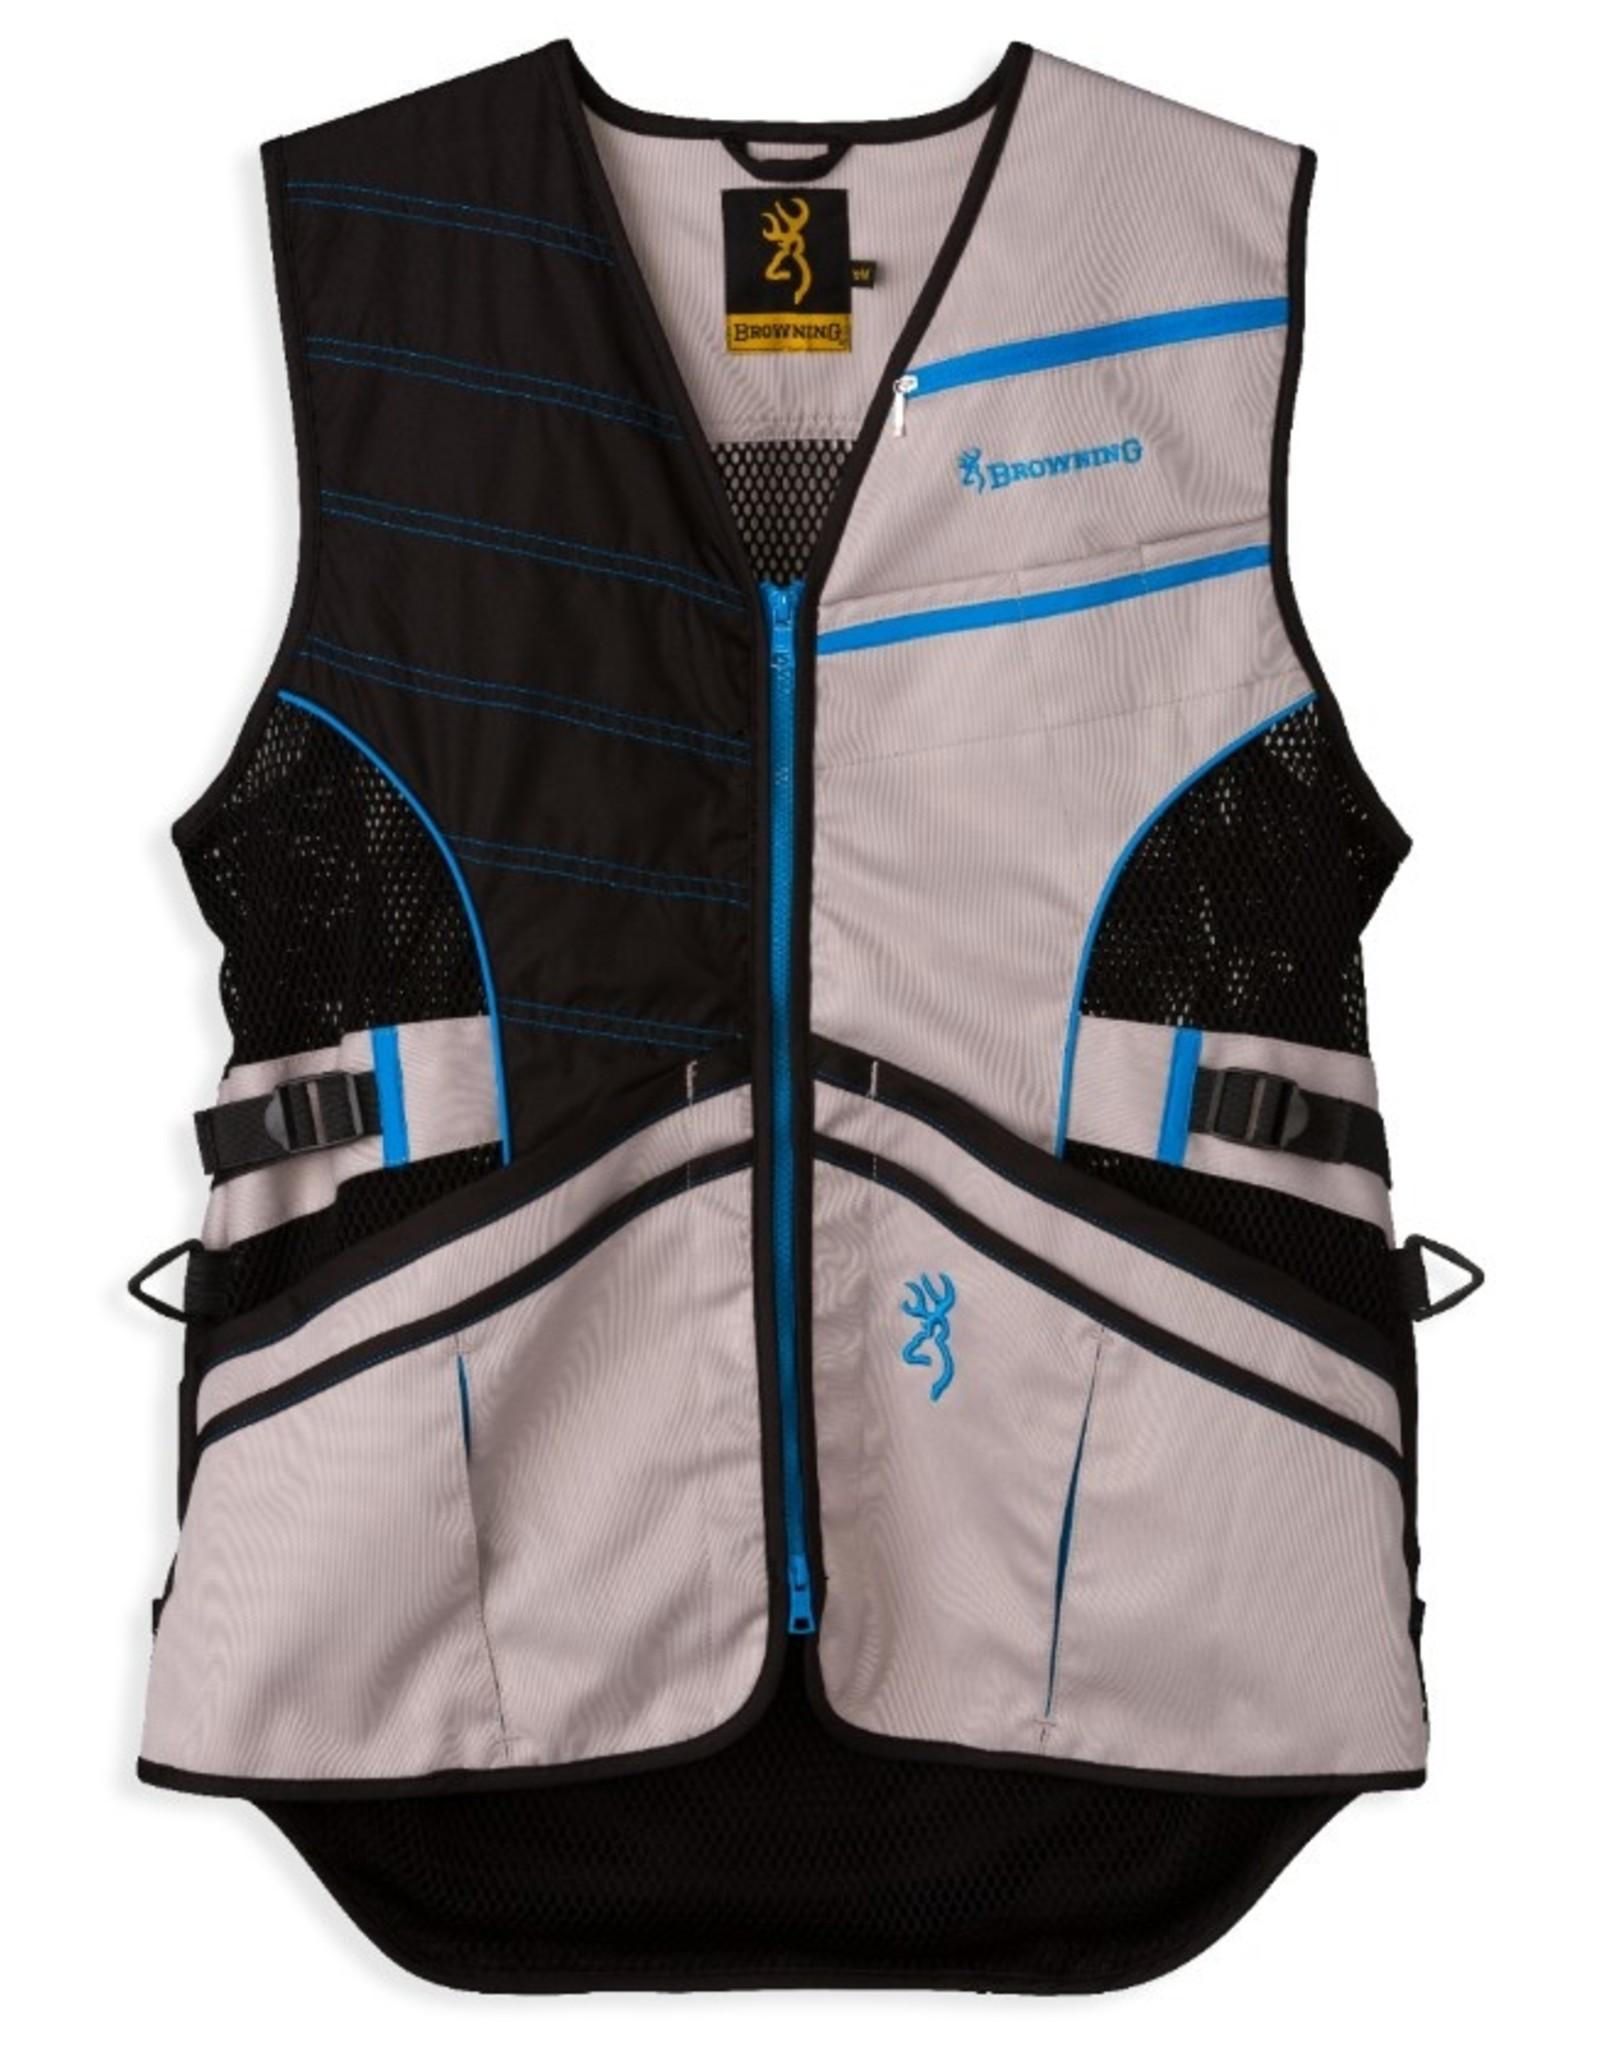 Browning Ace Vest - Teal - SM